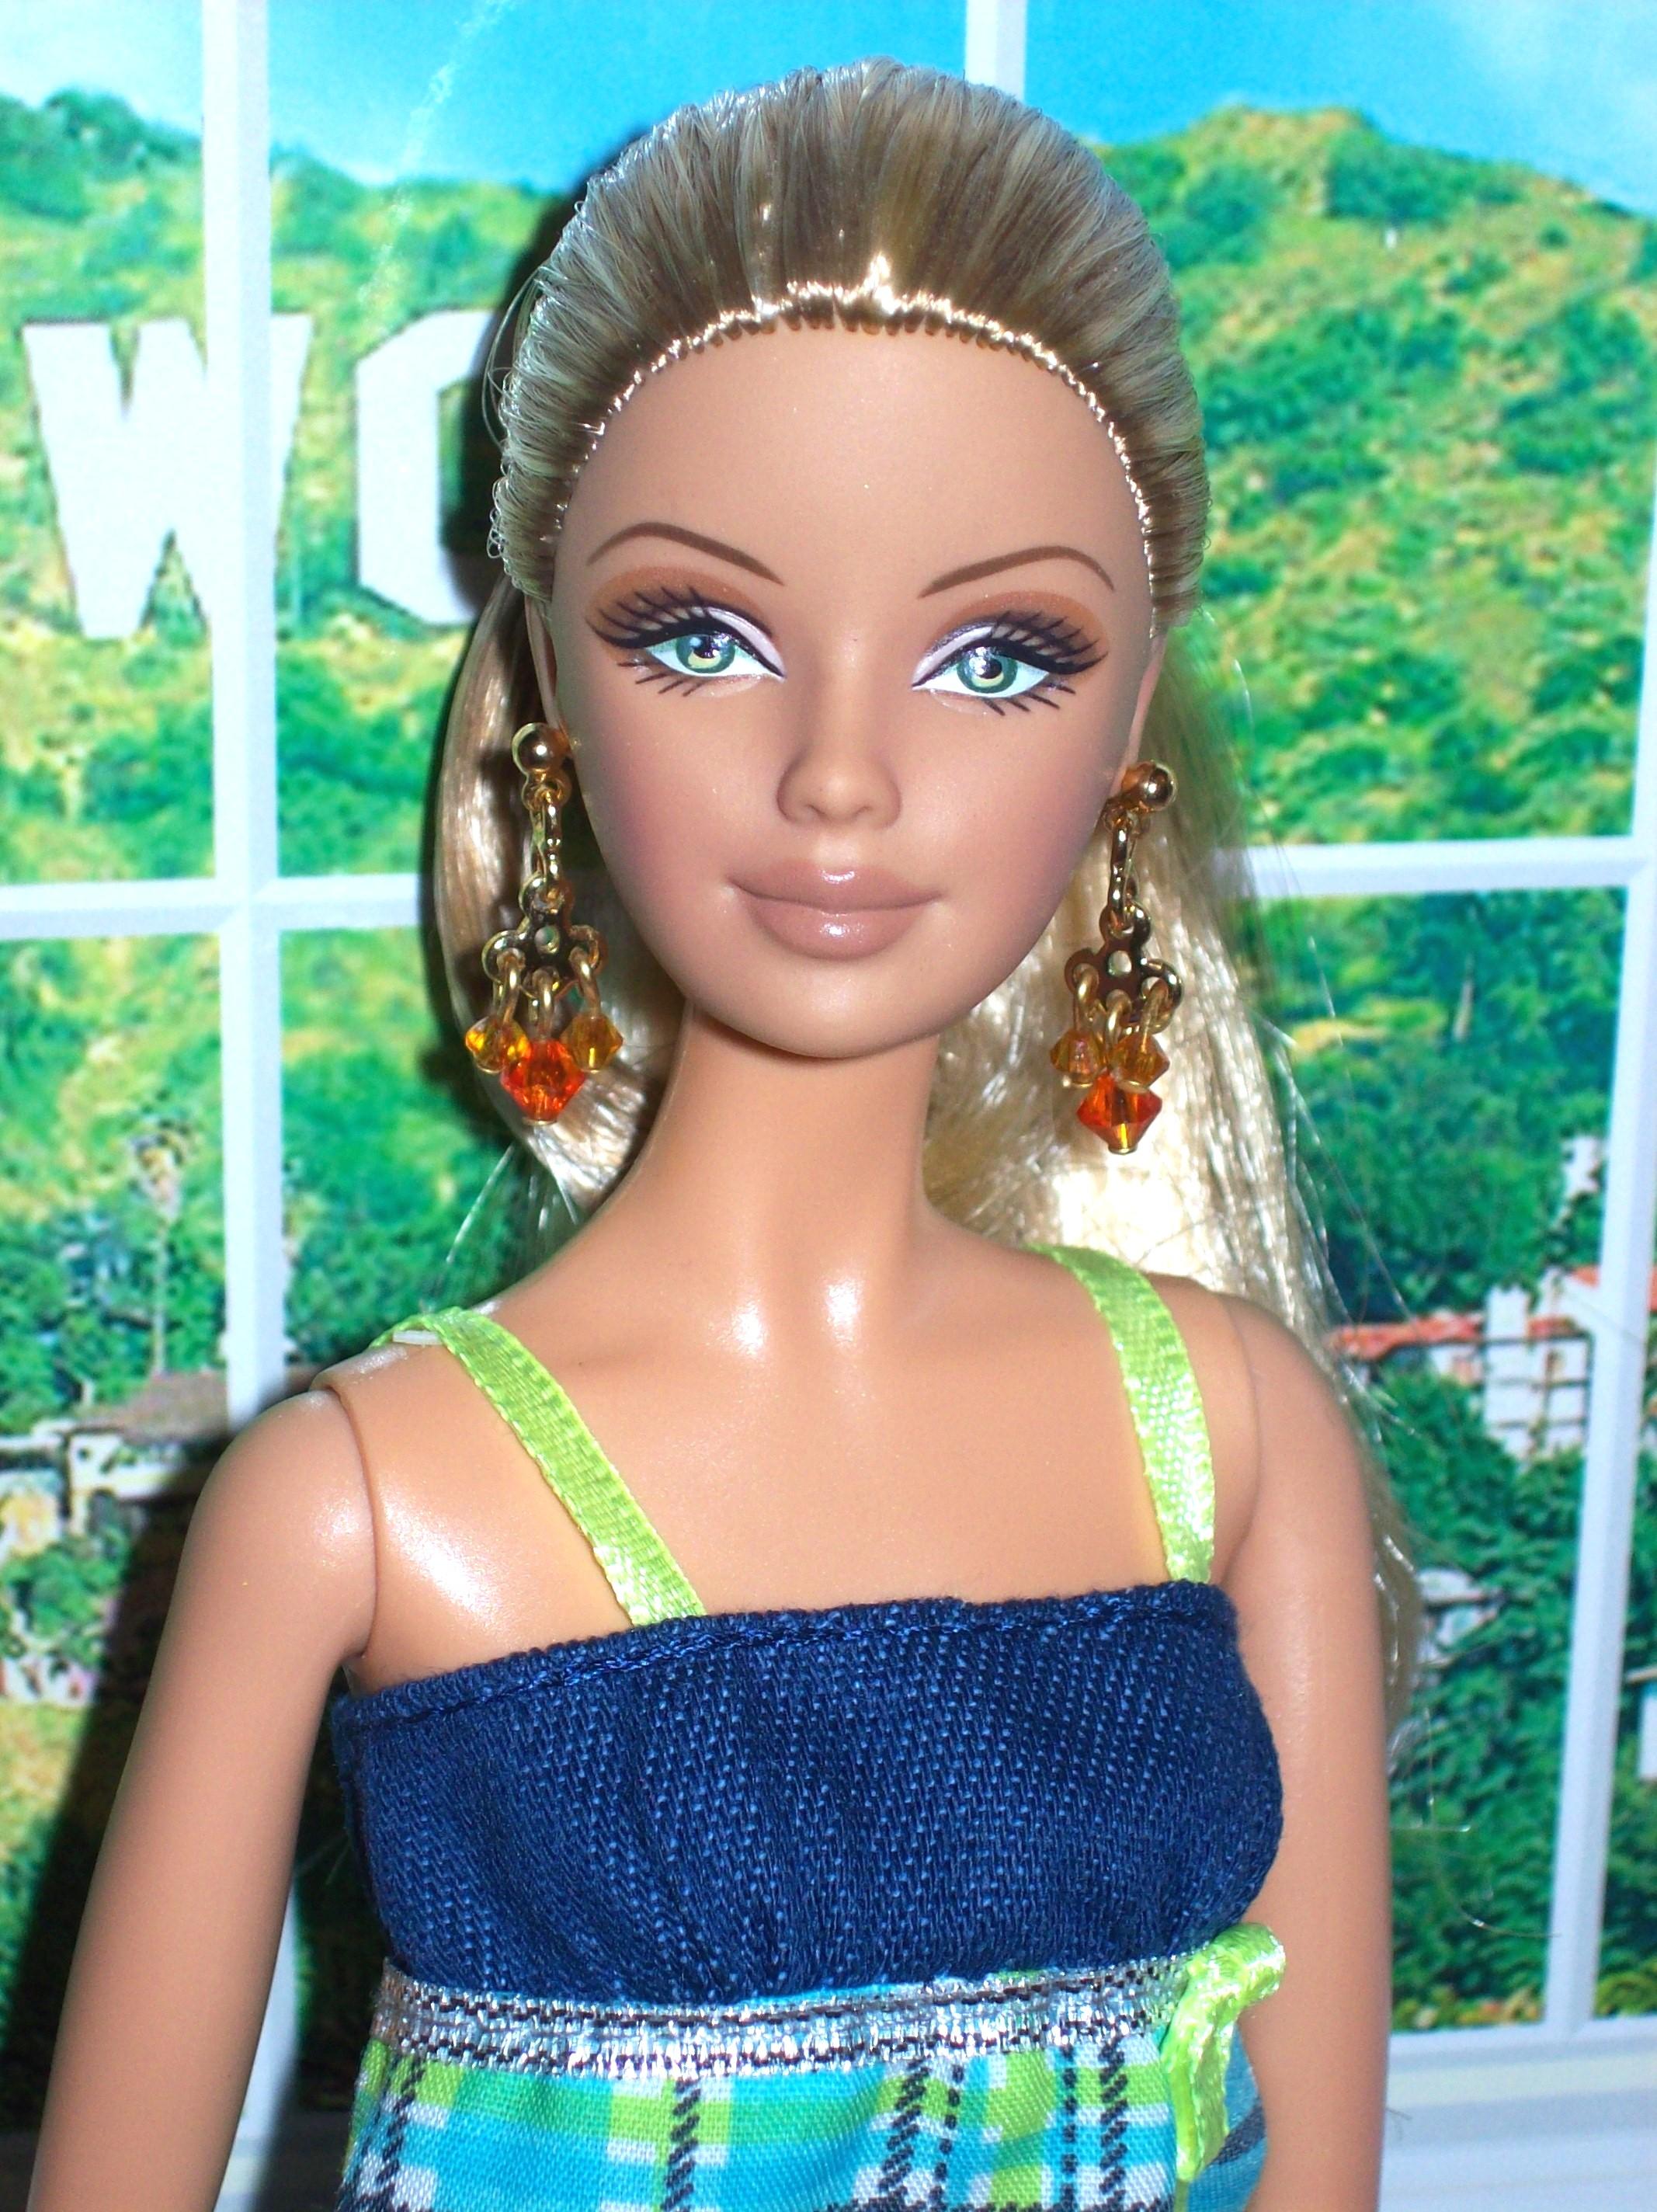 katy dreams model